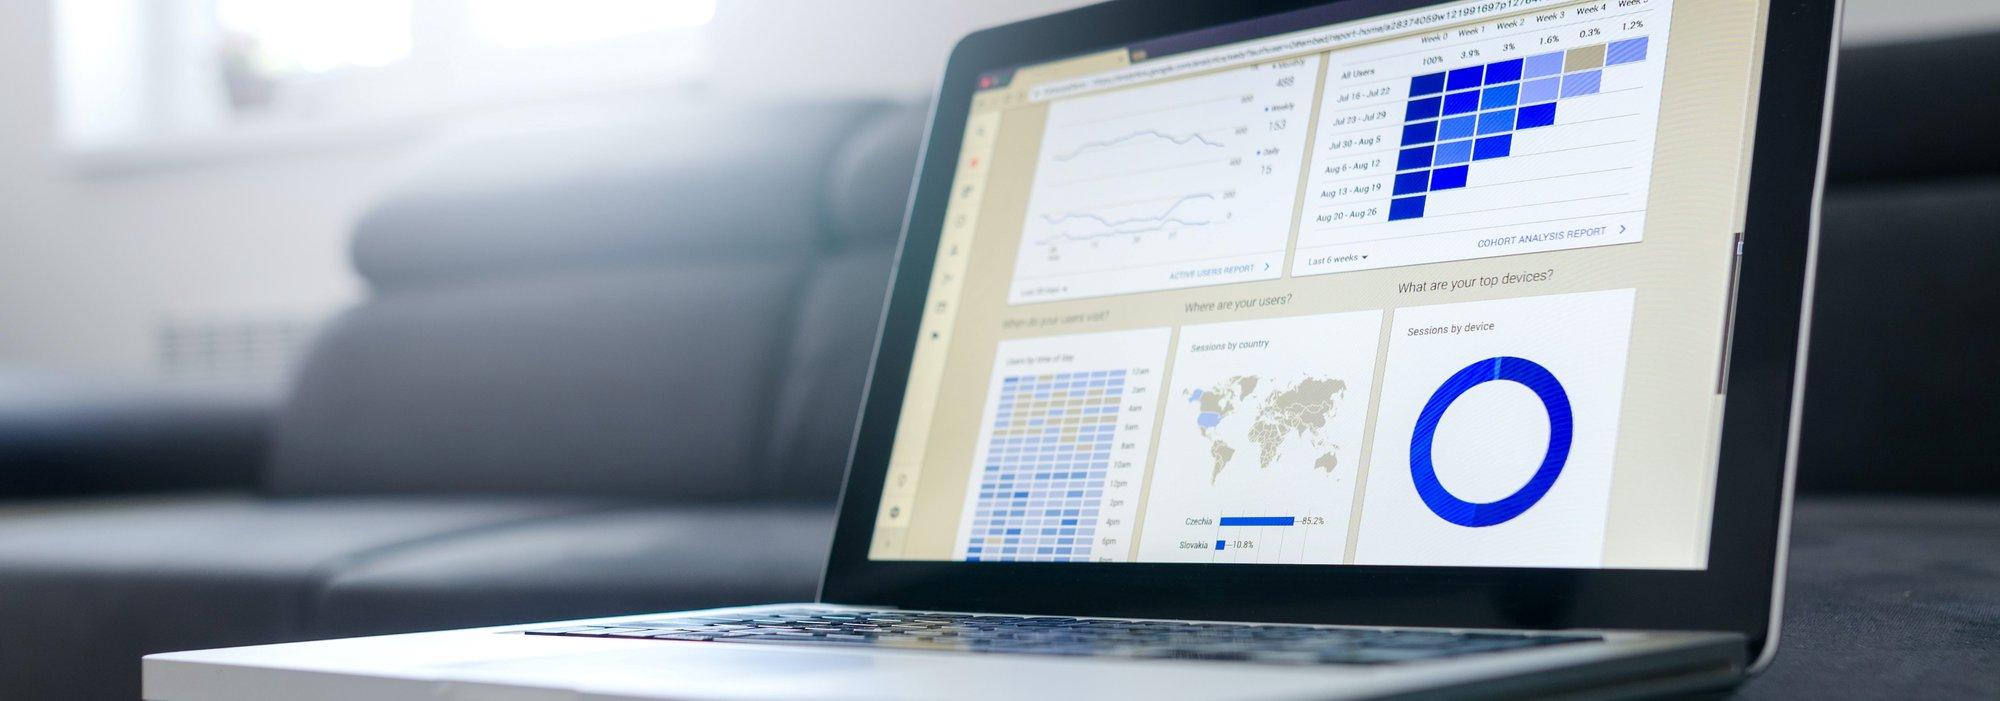 Onderzoek naar de digitalisering van de advocatuur in Nederland